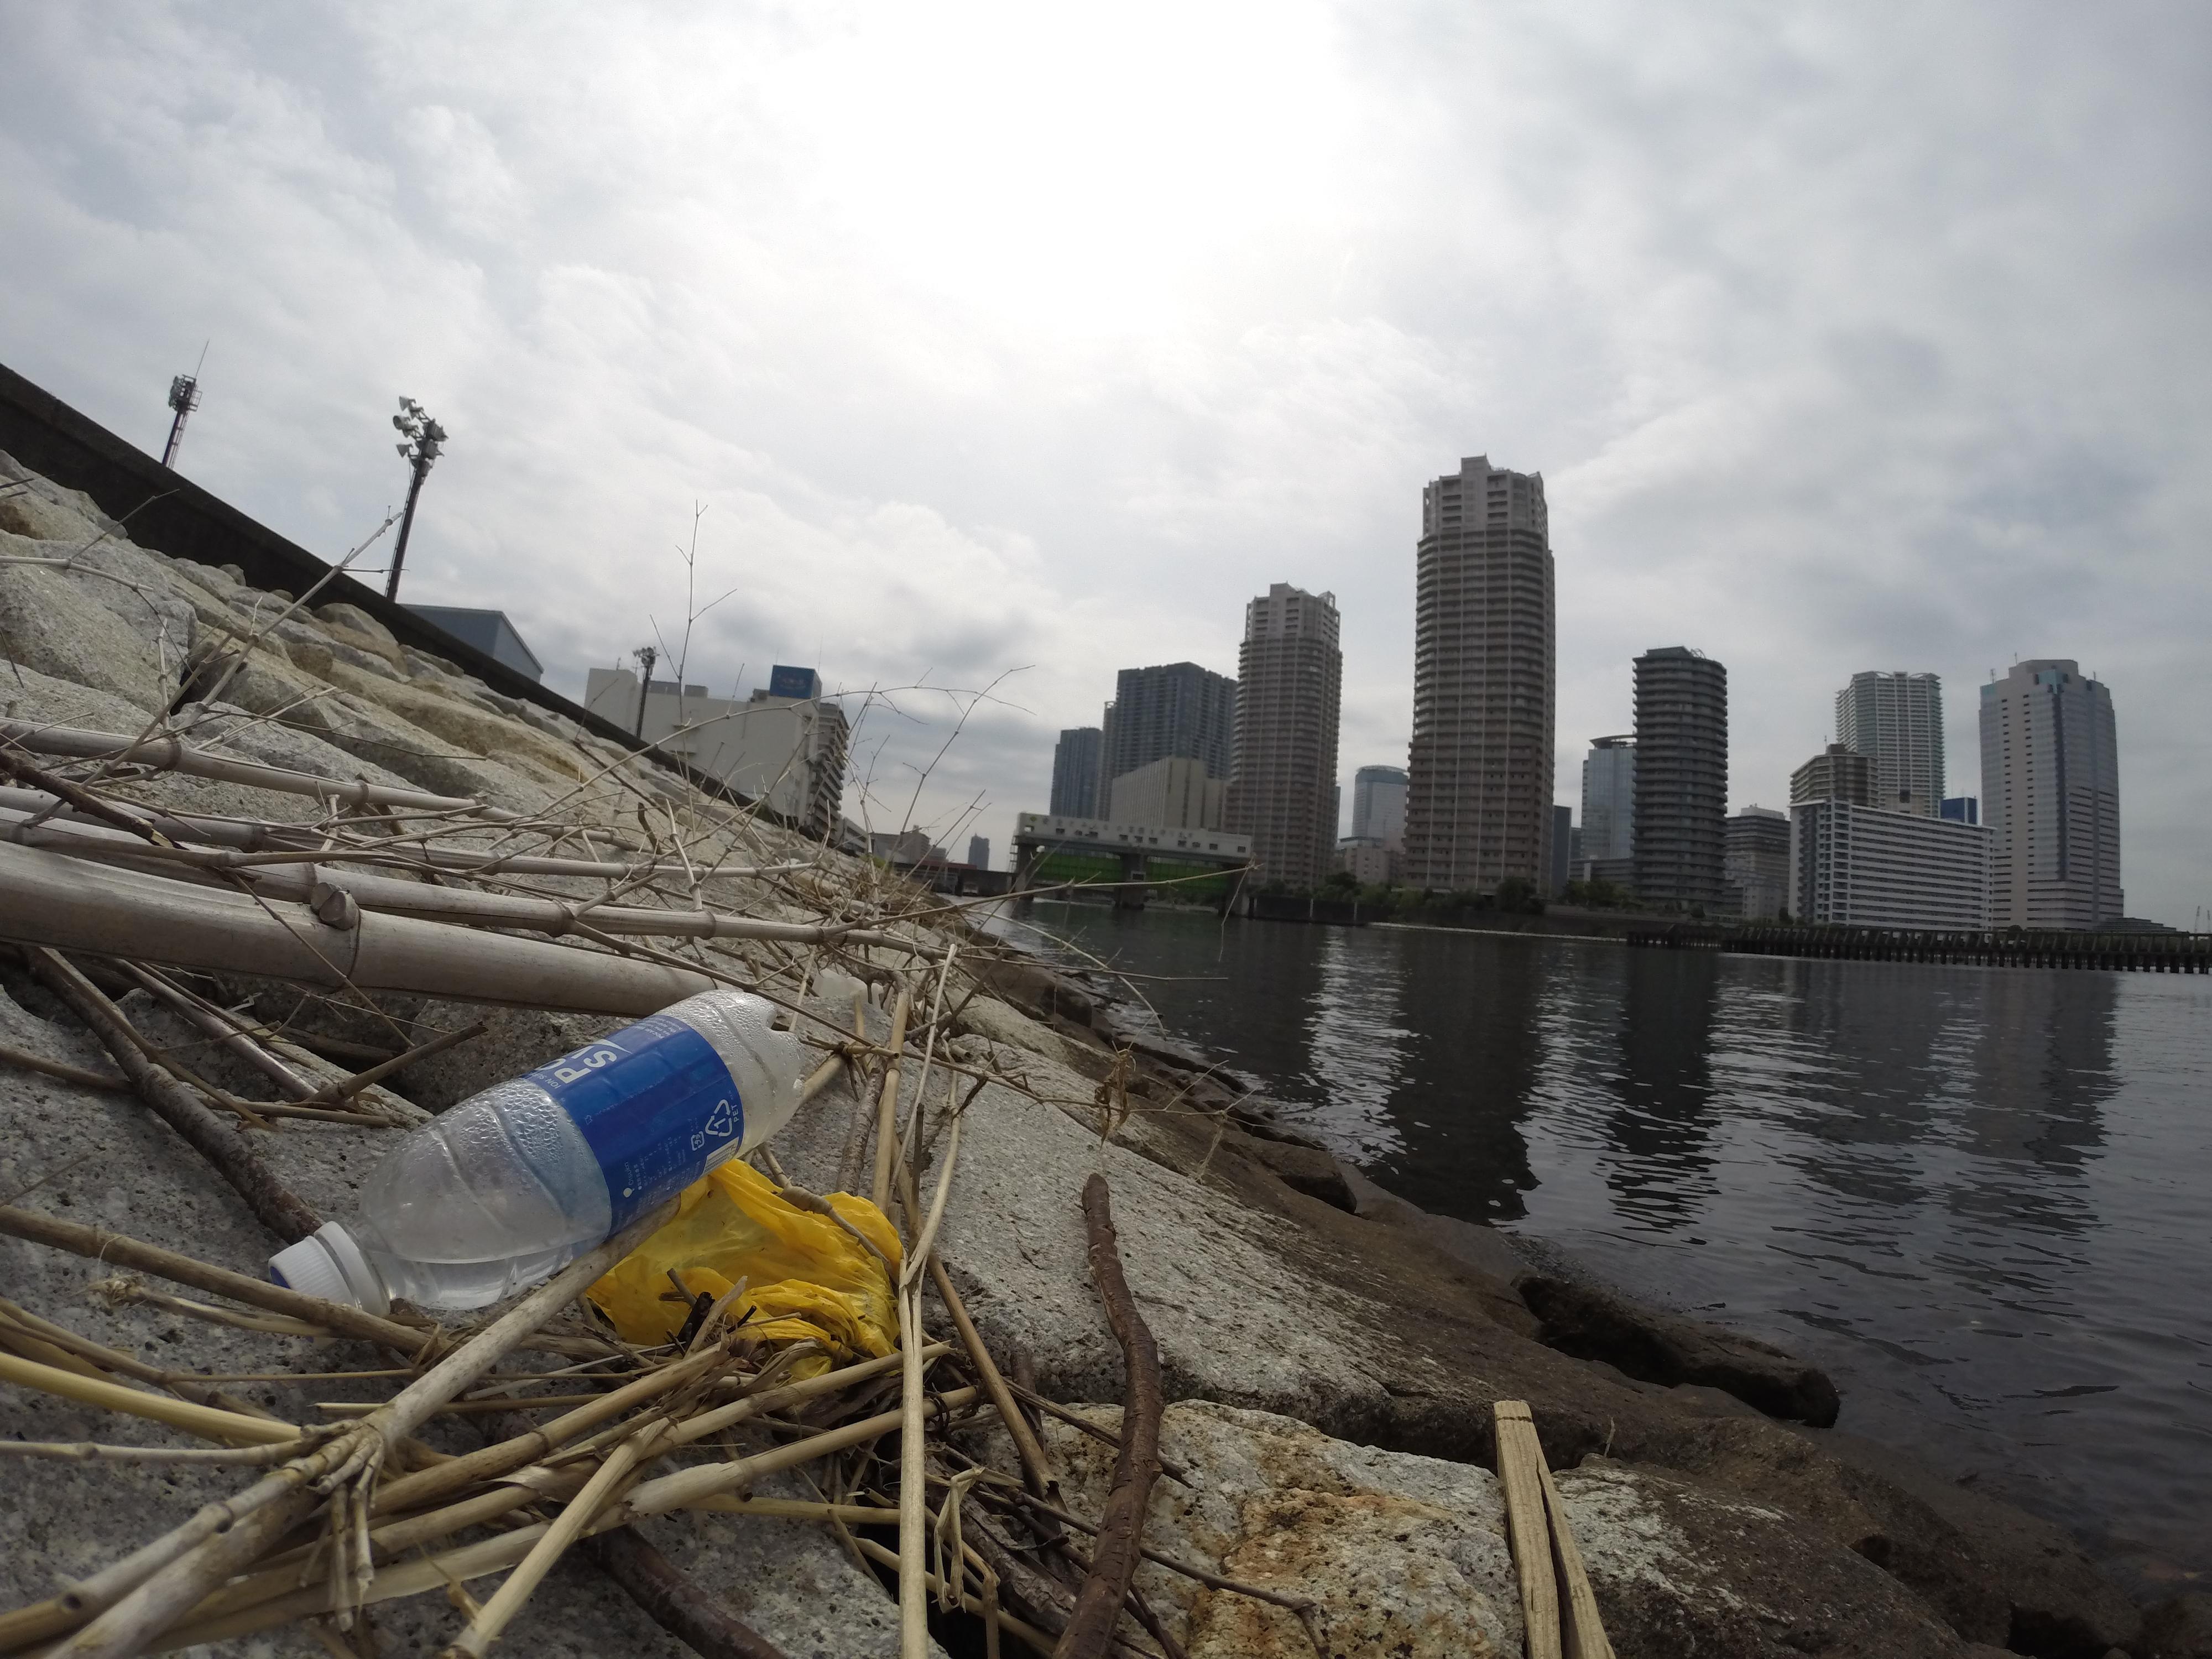 【活動報告】 水辺の清掃活動を実施しました!